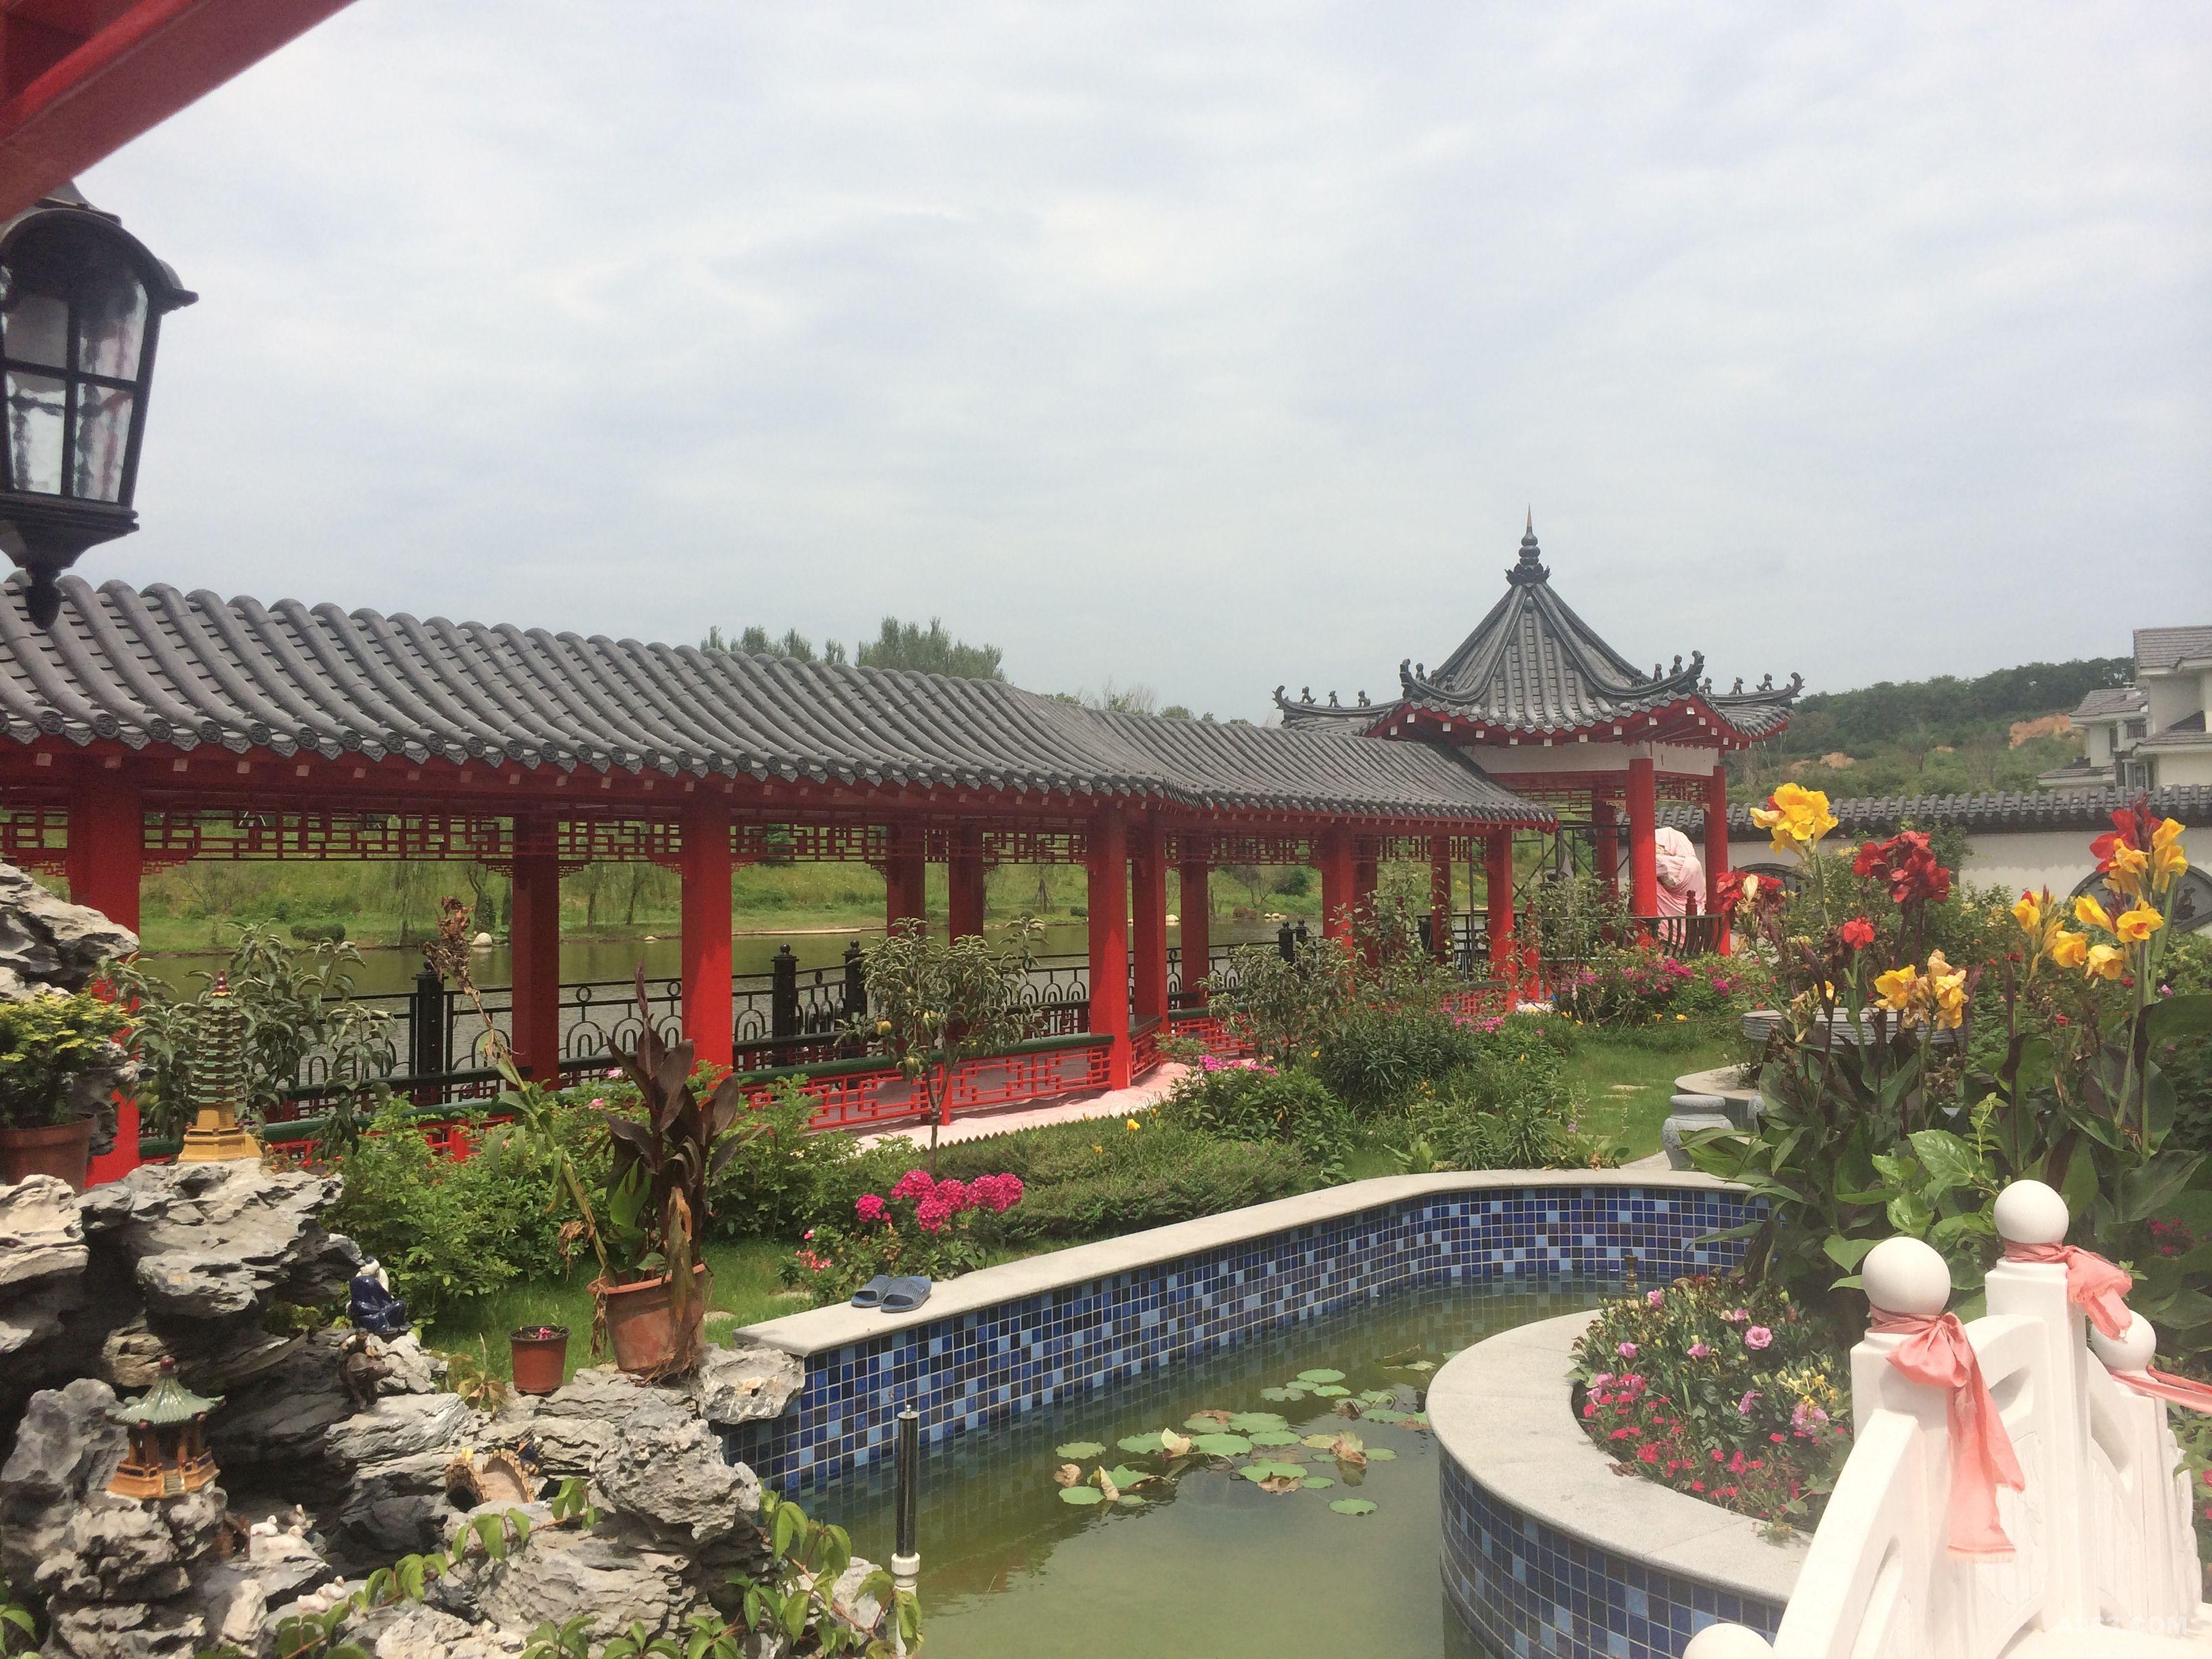 山、蓝天、花坛、古式长亭、廊桥共谱美景,仿佛天下山水都尽浓缩于后院之中。